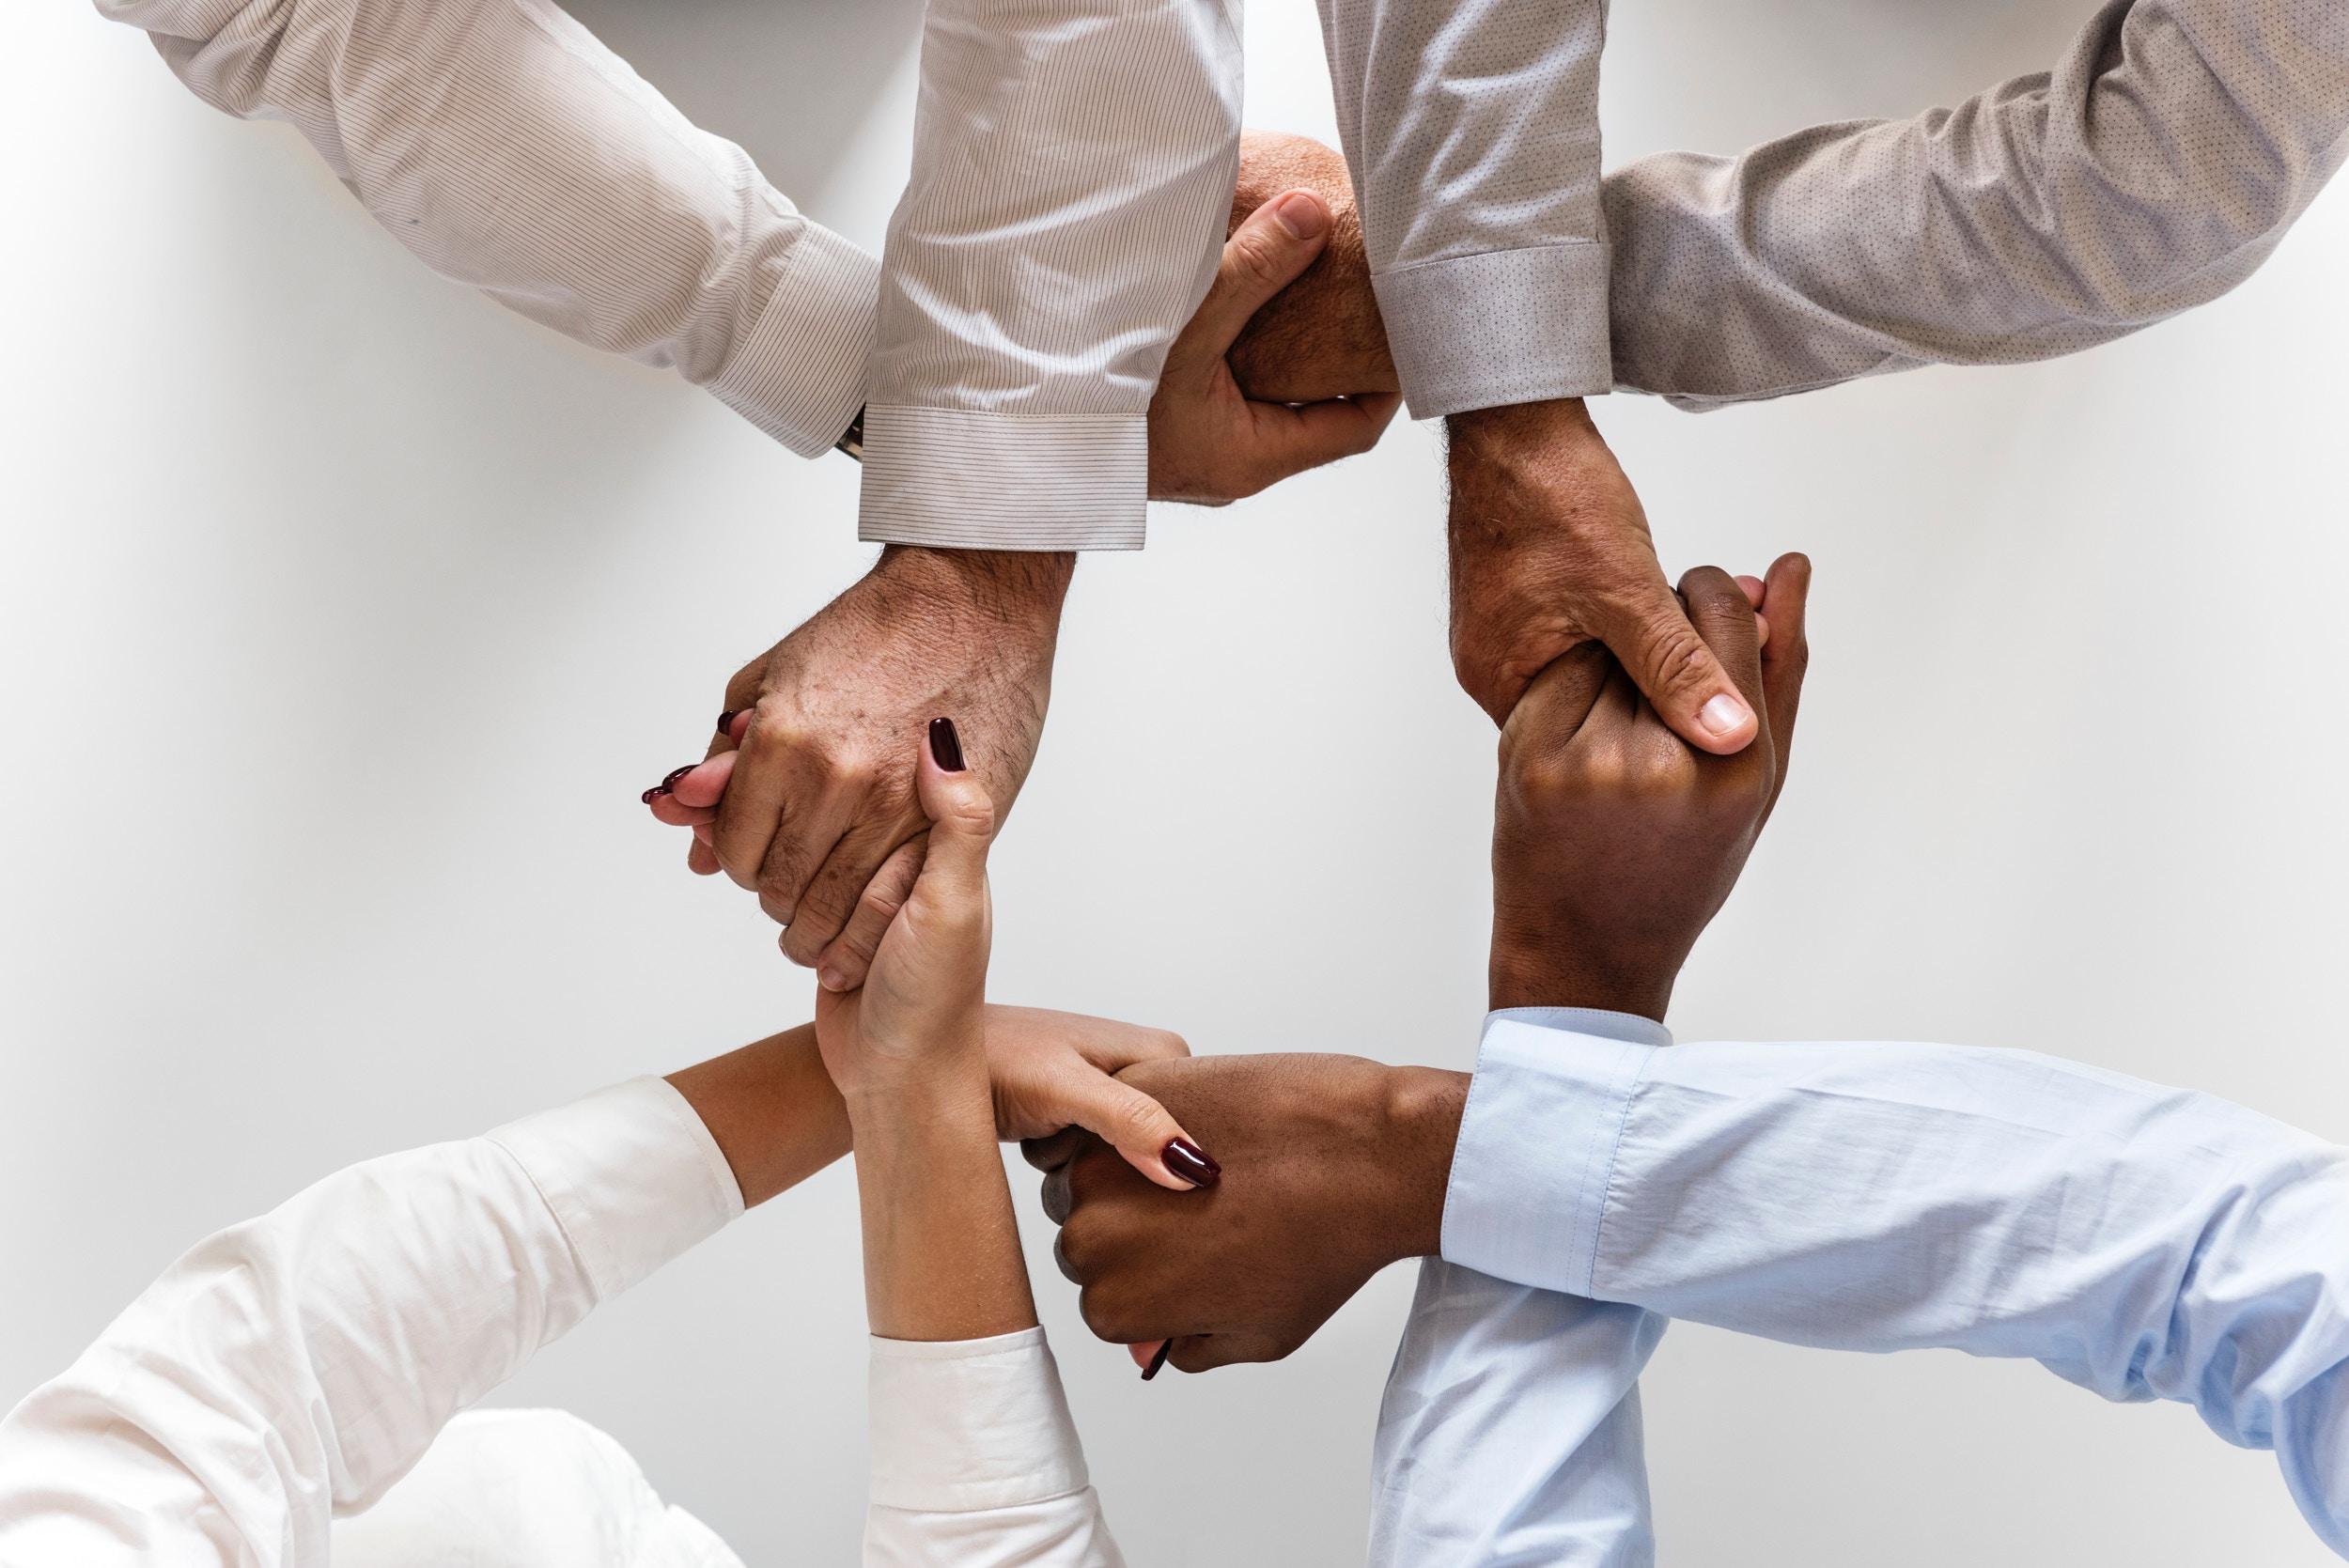 Die 5Gs für eine Gemeinde: Gemeinschaft vs Freundschaft